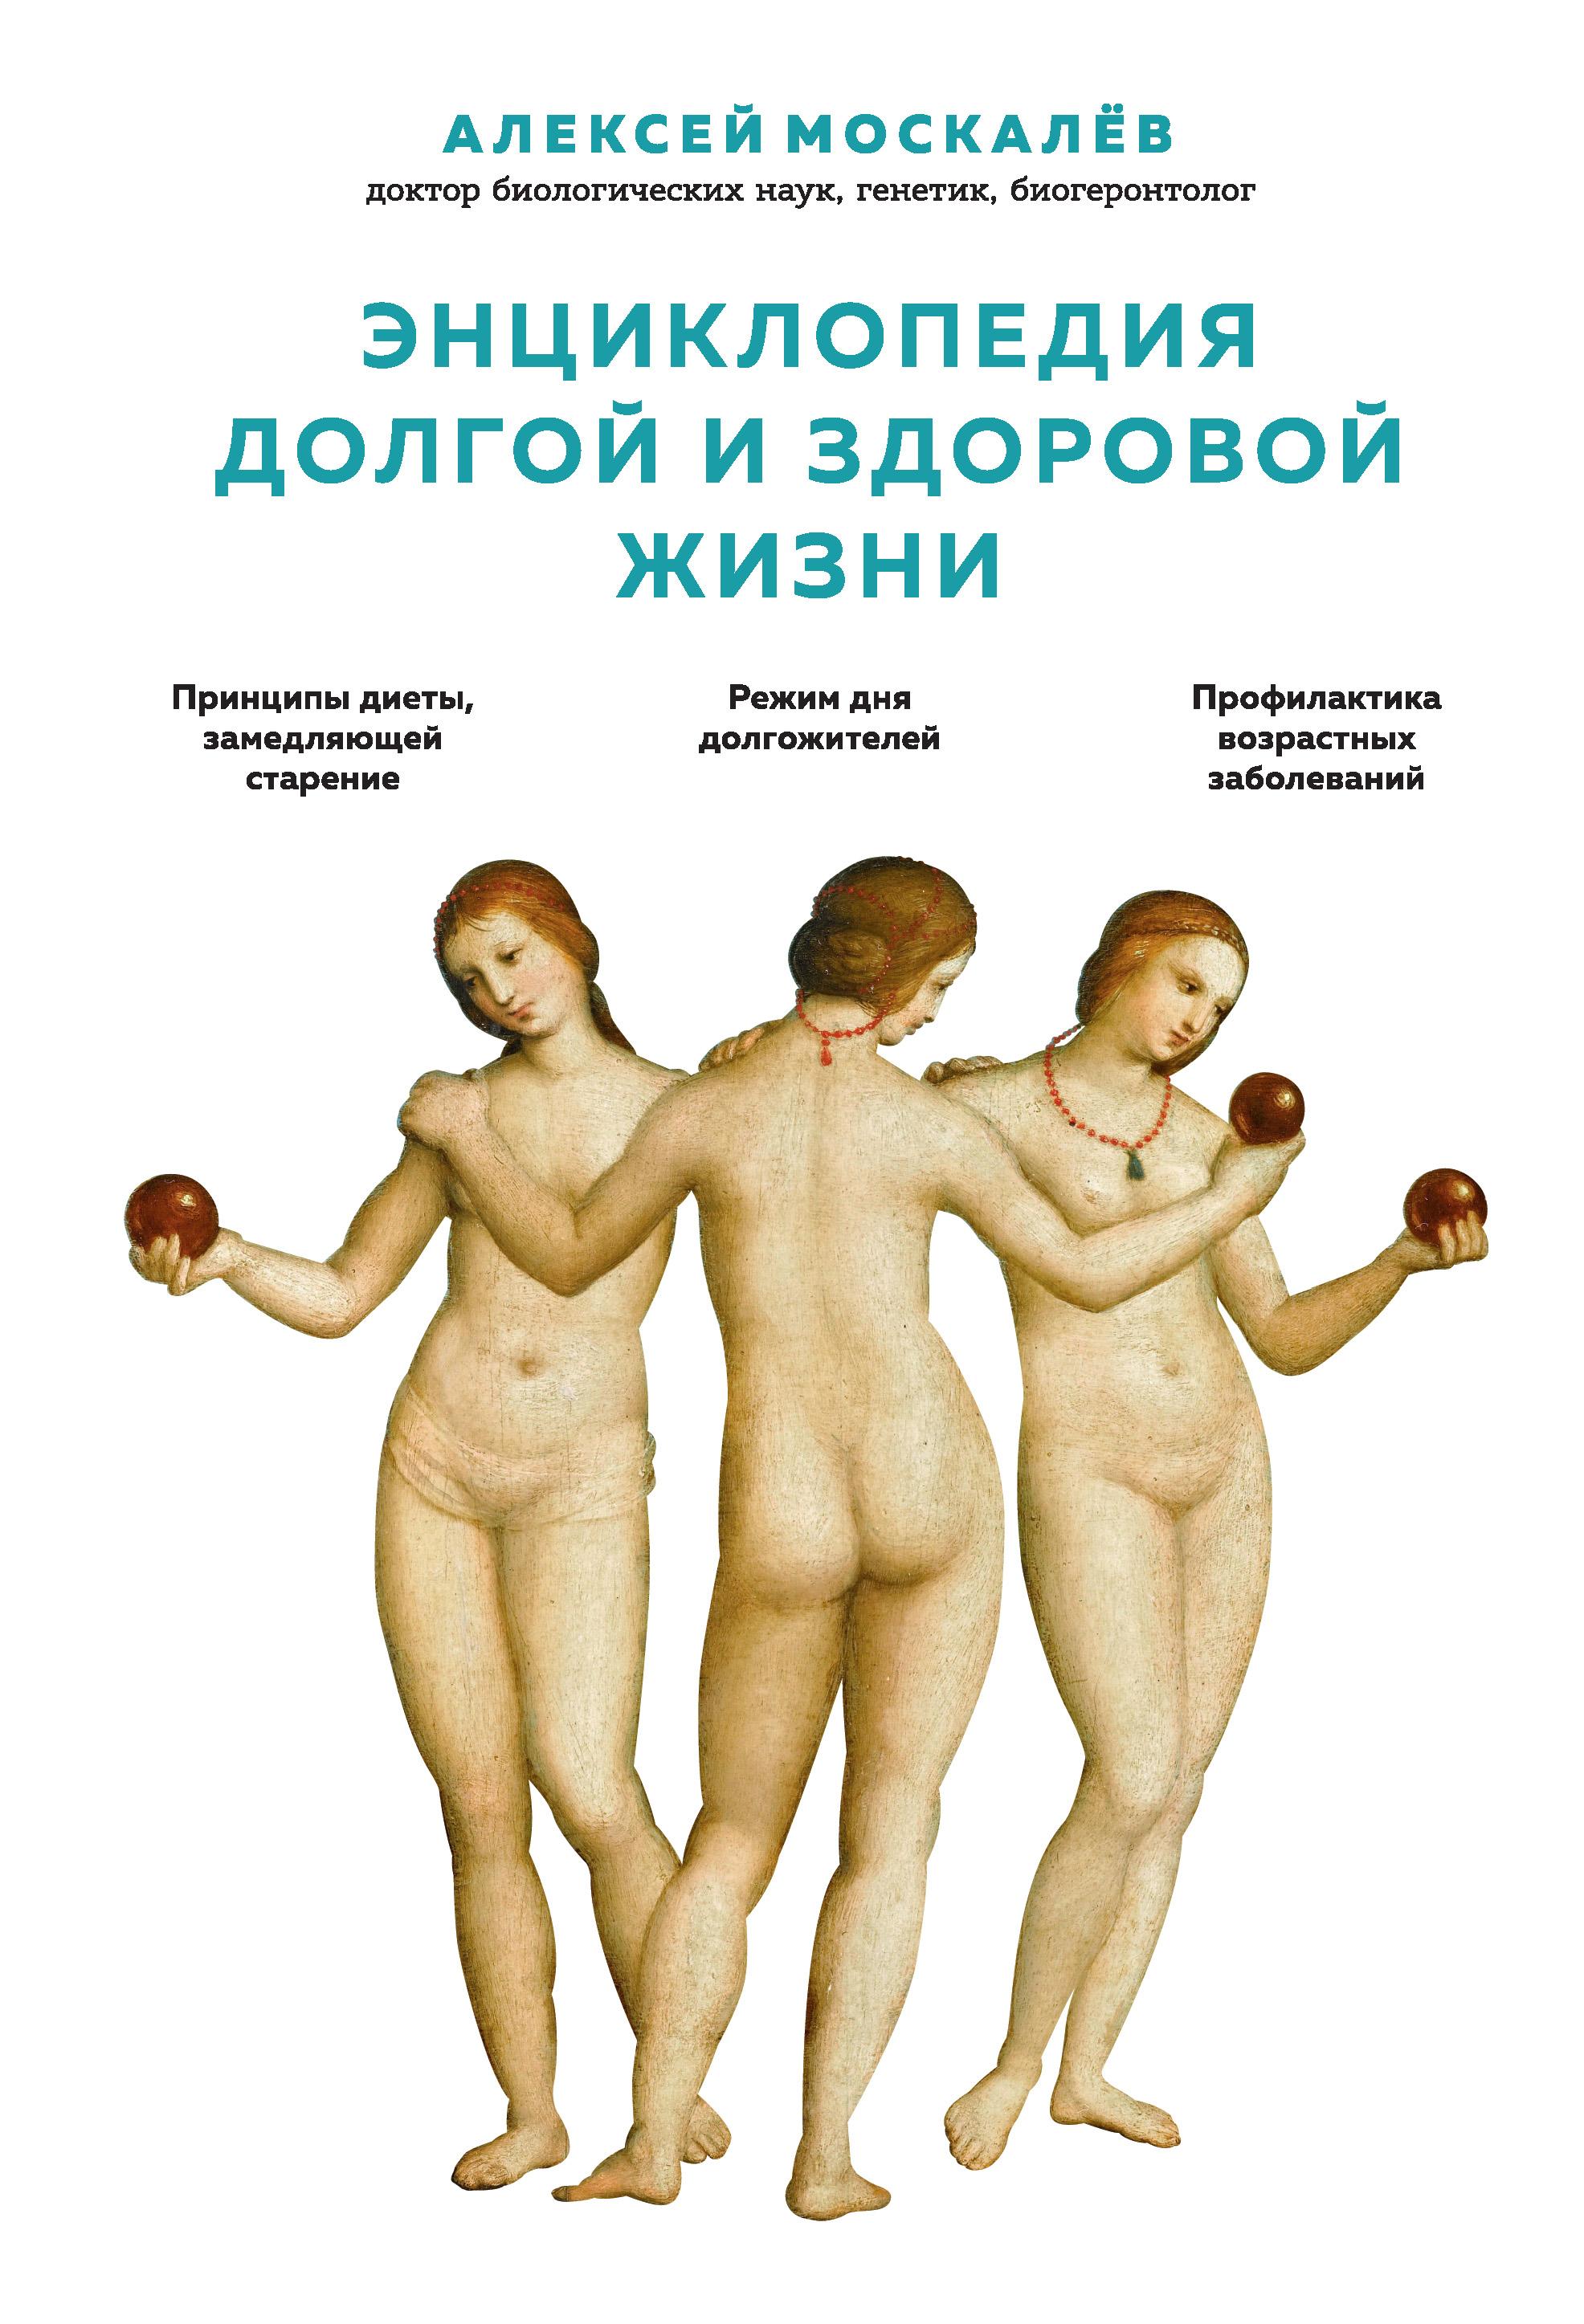 Энциклопедия долгой и здоровой жизни